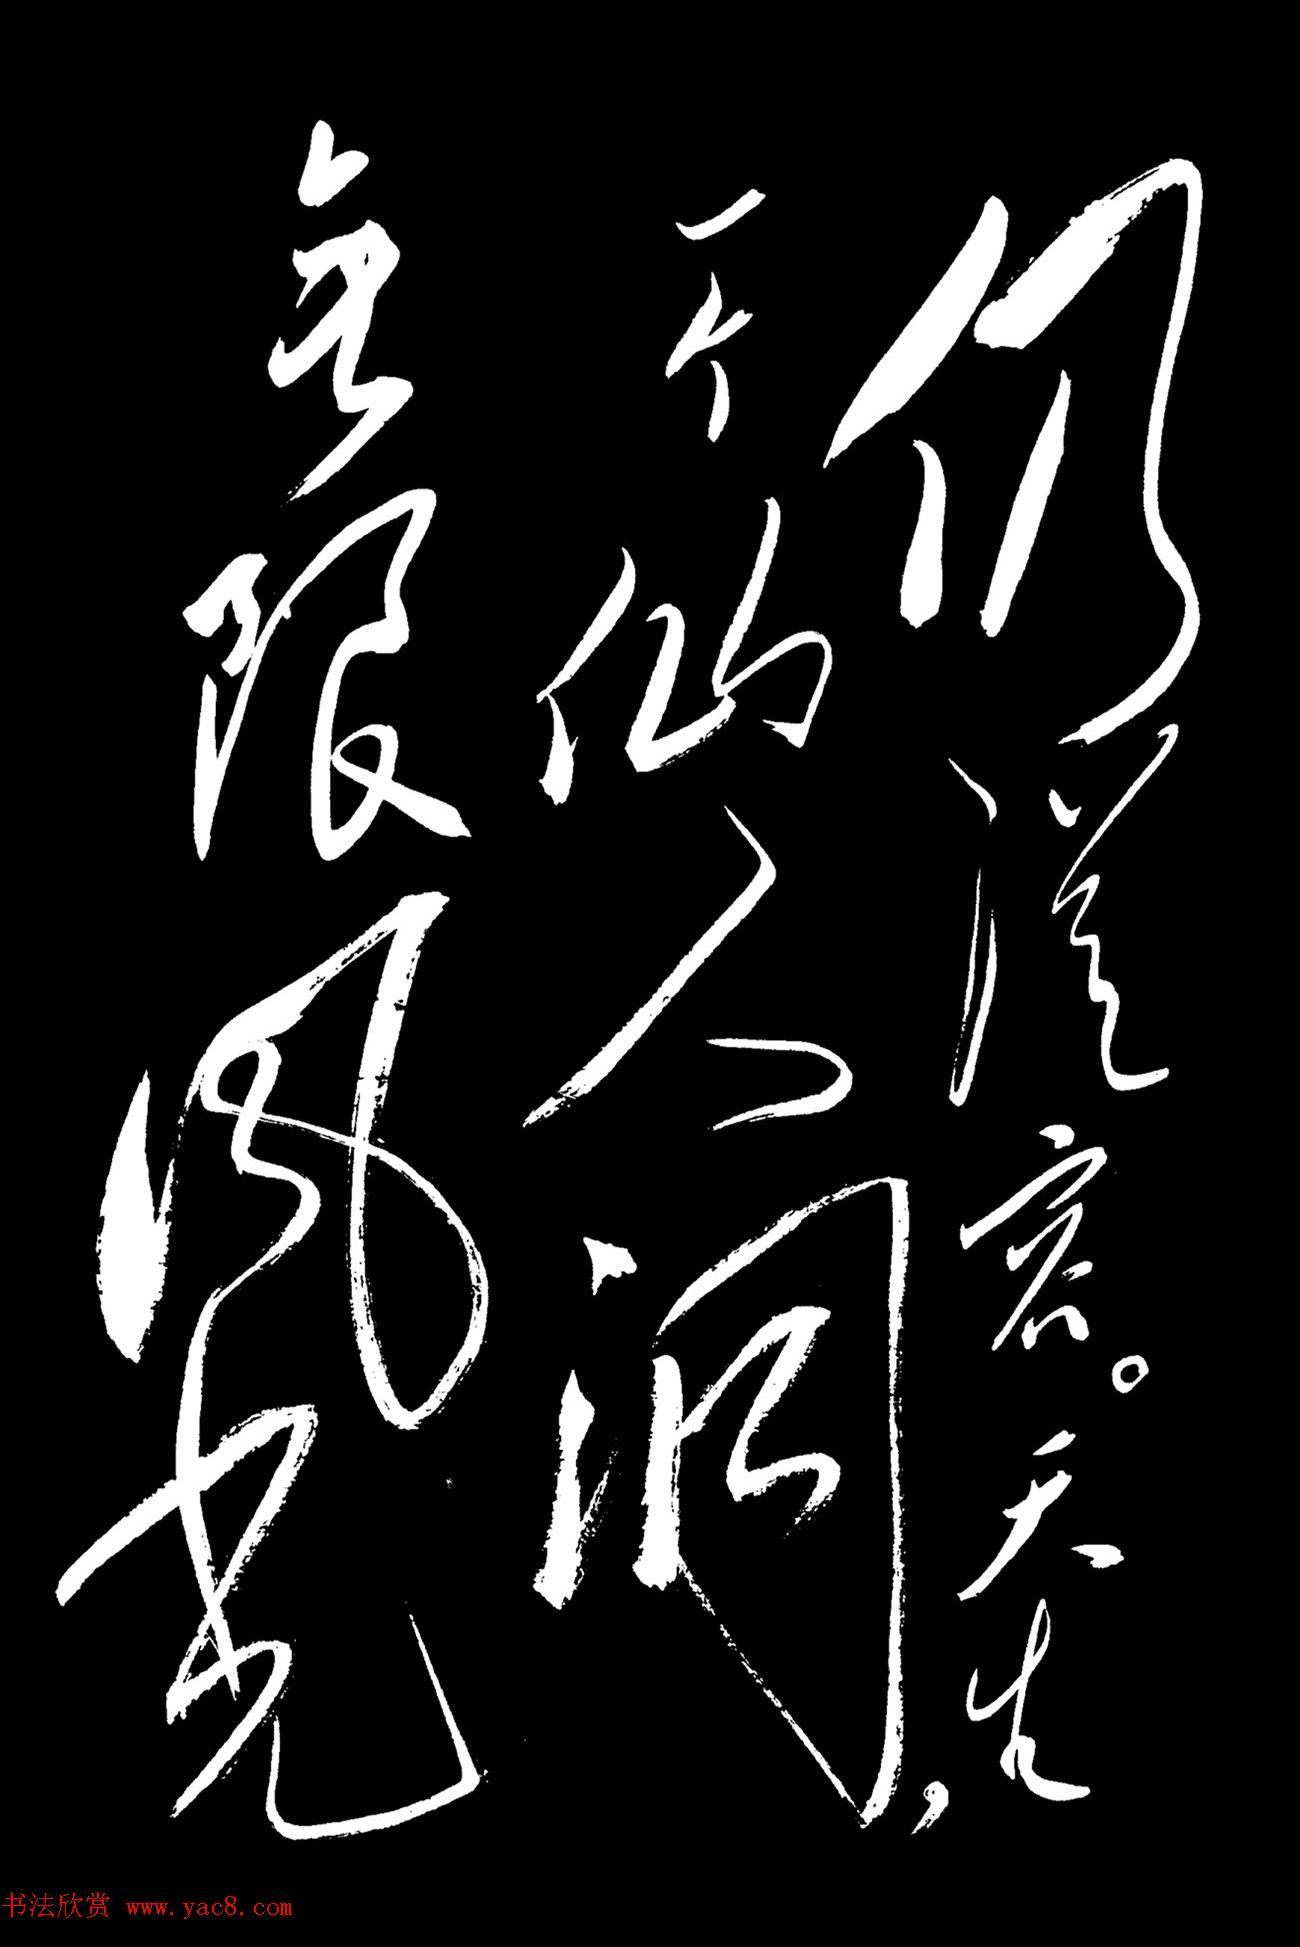 毛泽东行草书欣赏《七绝·庐山仙人洞》